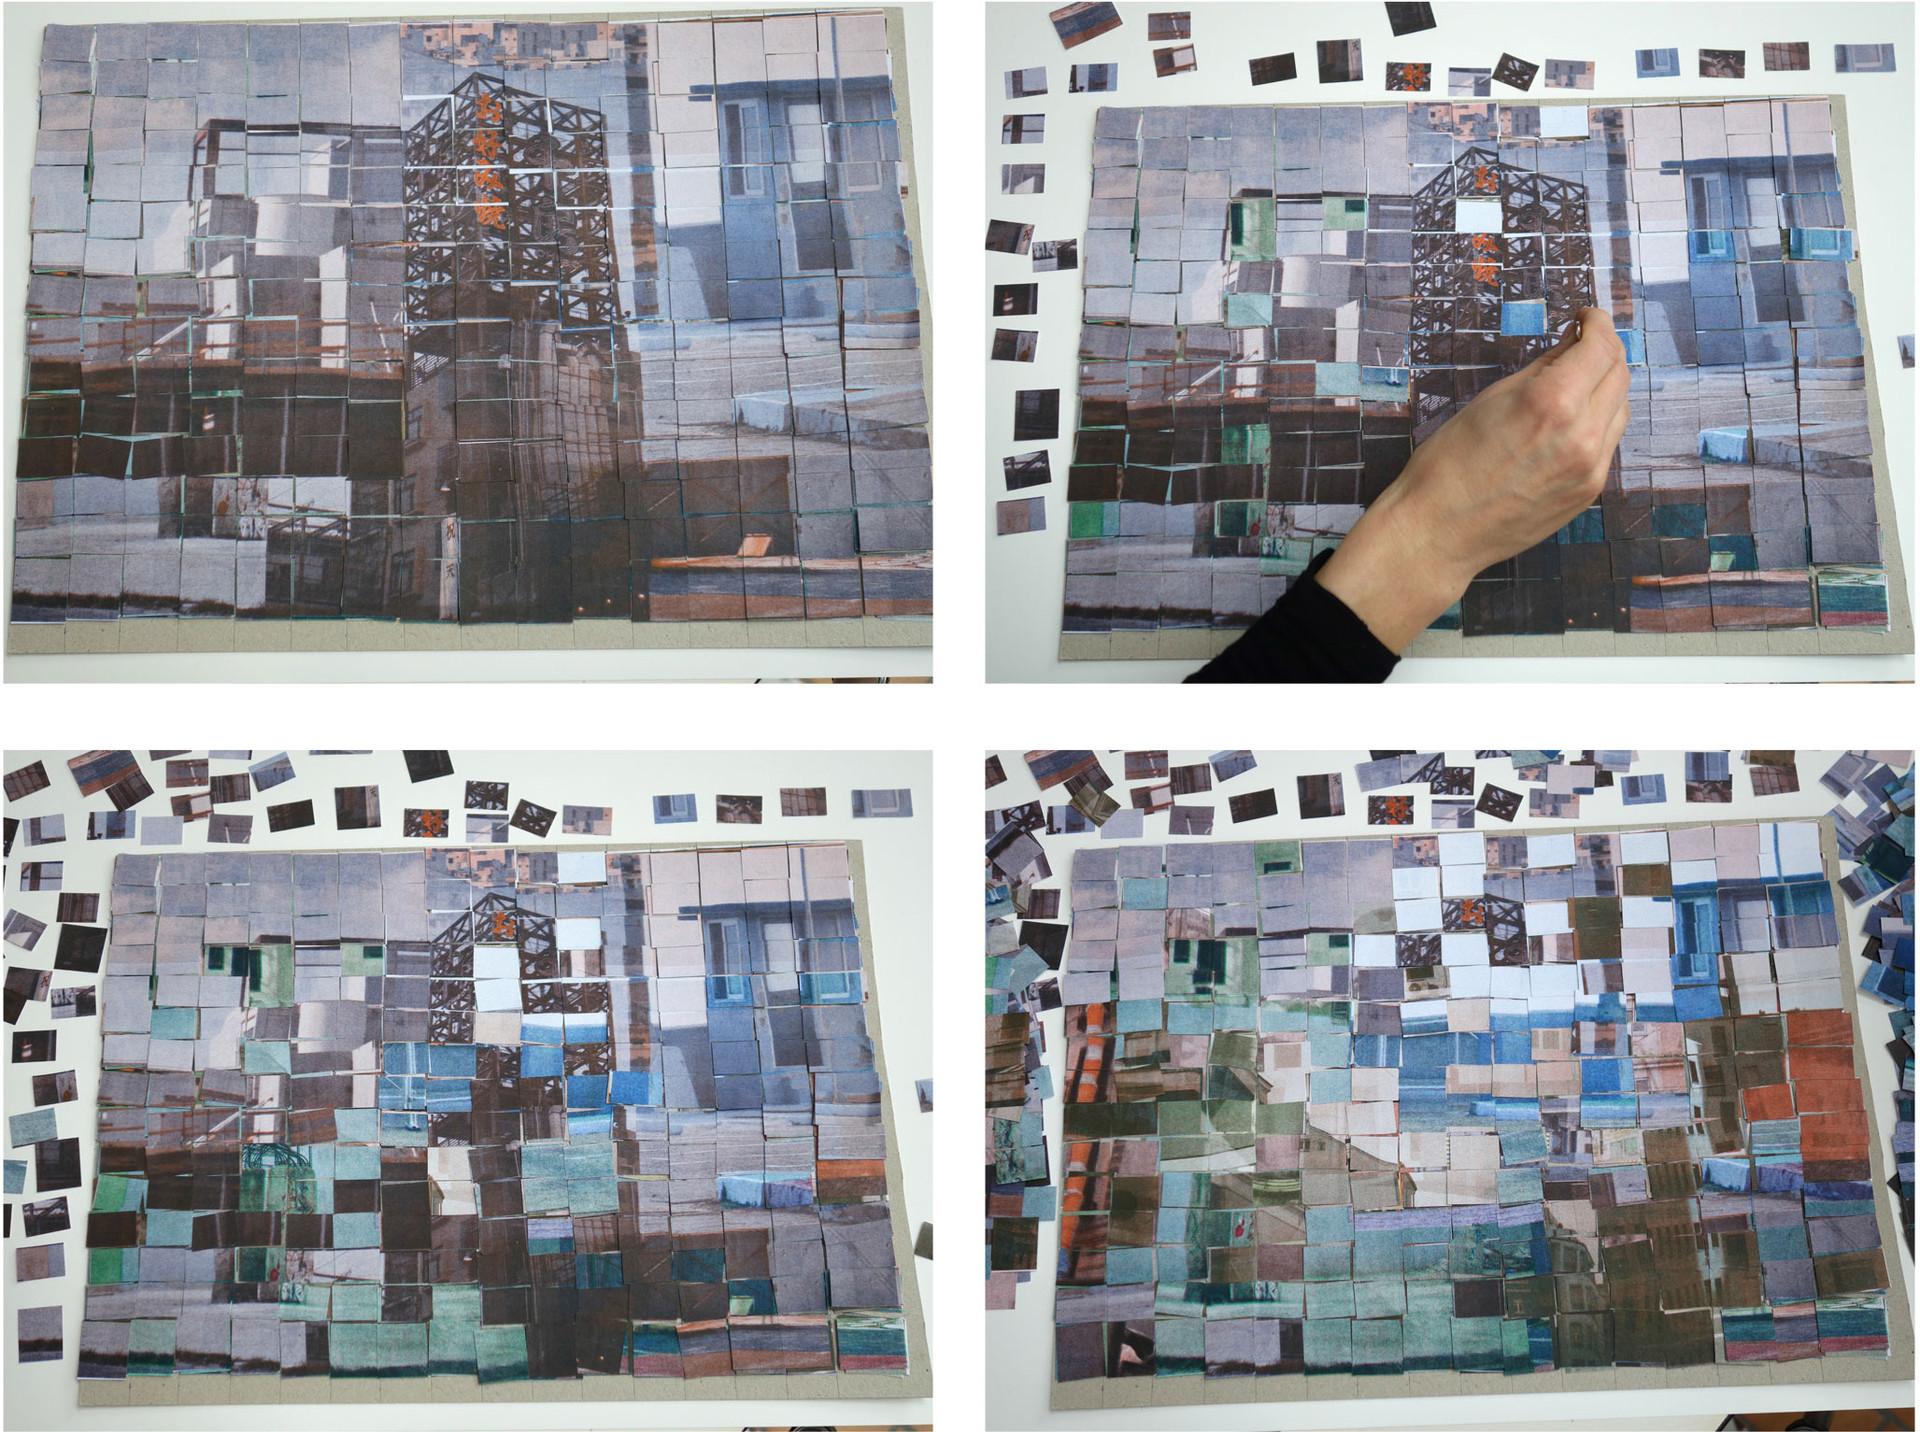 mega-cities-04.jpg